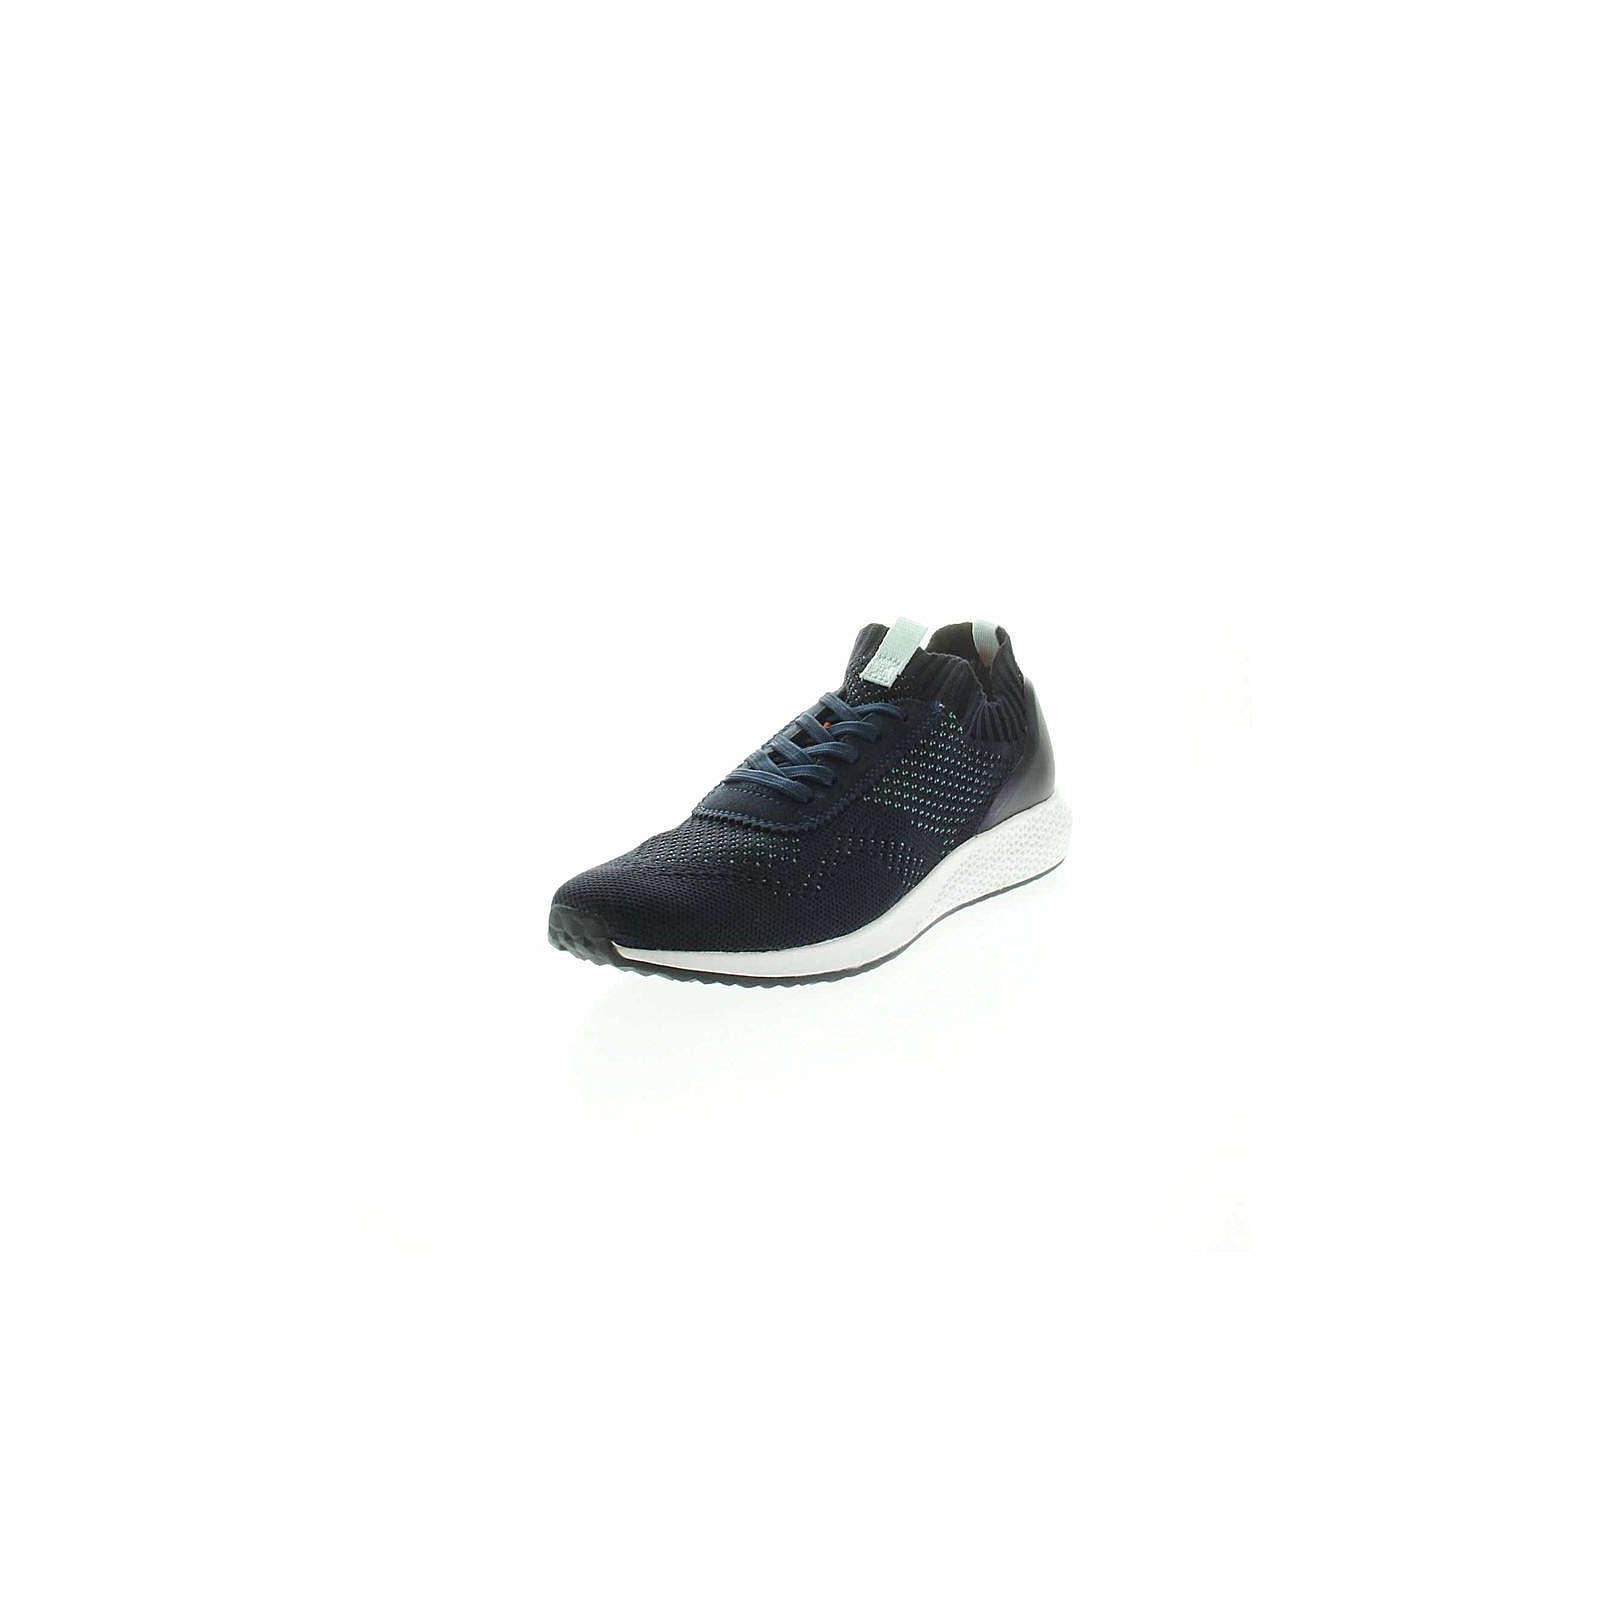 Tamaris Sneakers blau blau Damen Gr. 40